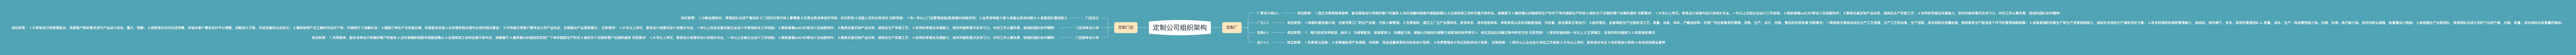 定制组织架构